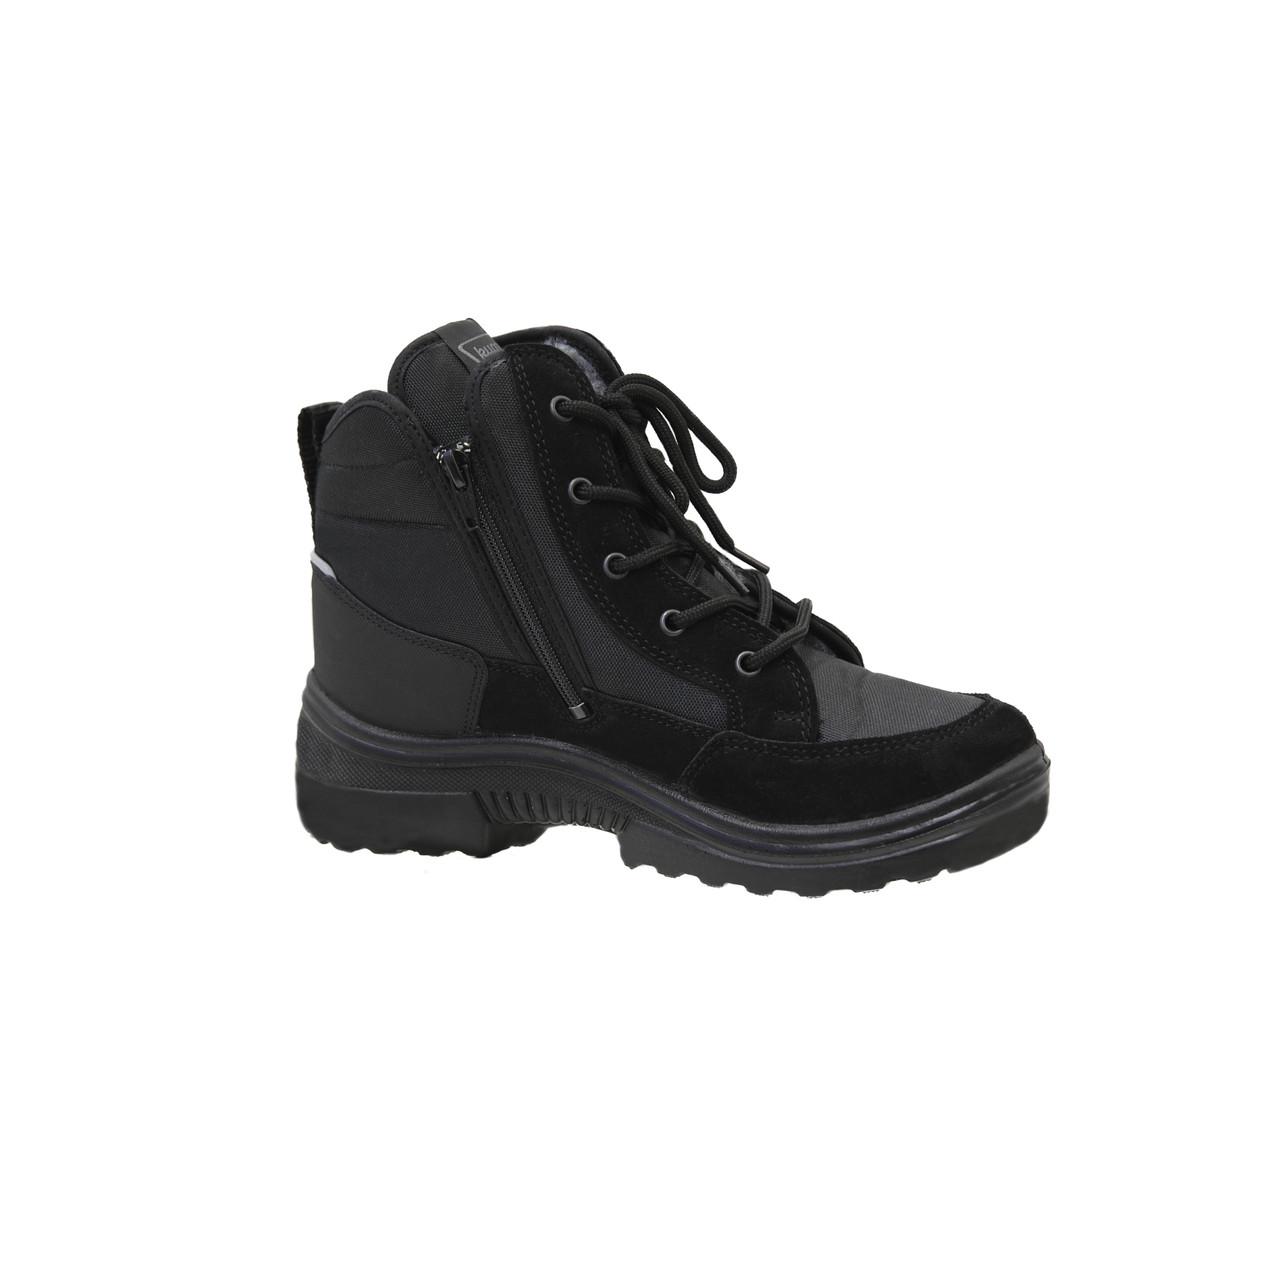 Обувь взрослая Trekking V